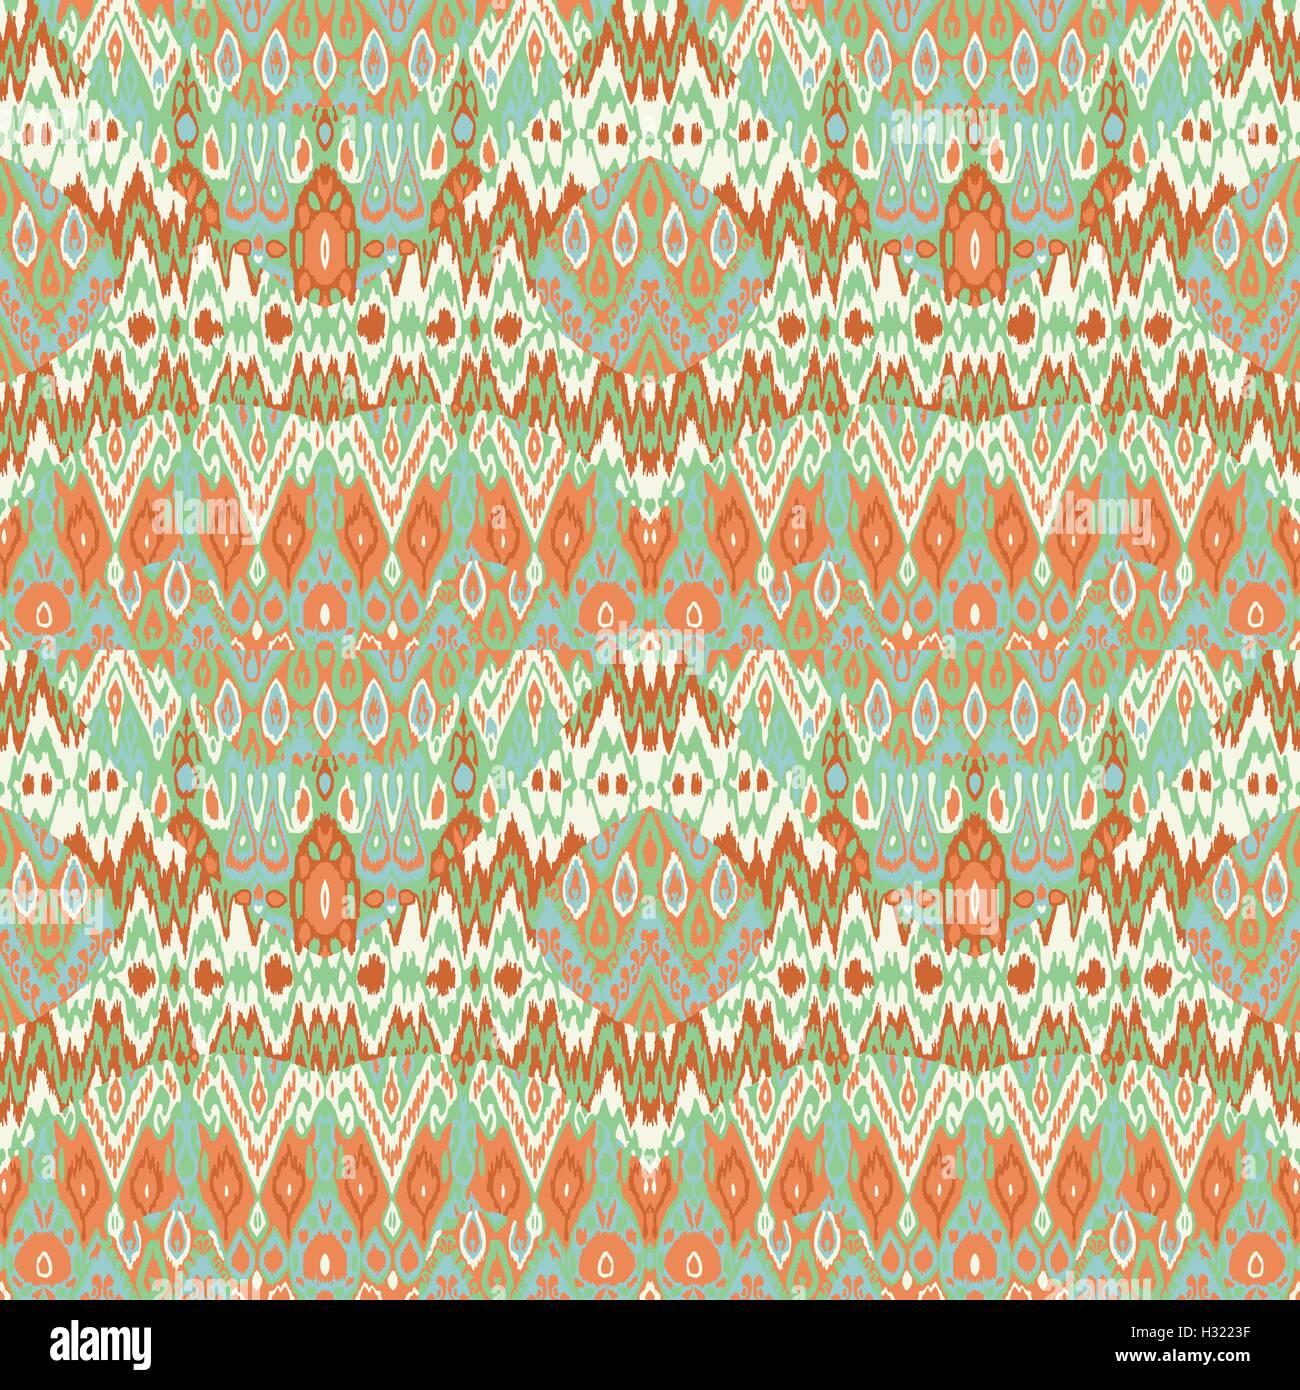 ed720b5a5e Mosaico etnico arabesque Bohemien Stampa configurazione. Seamless a zig-zag  ornamento geometrico astratto dello